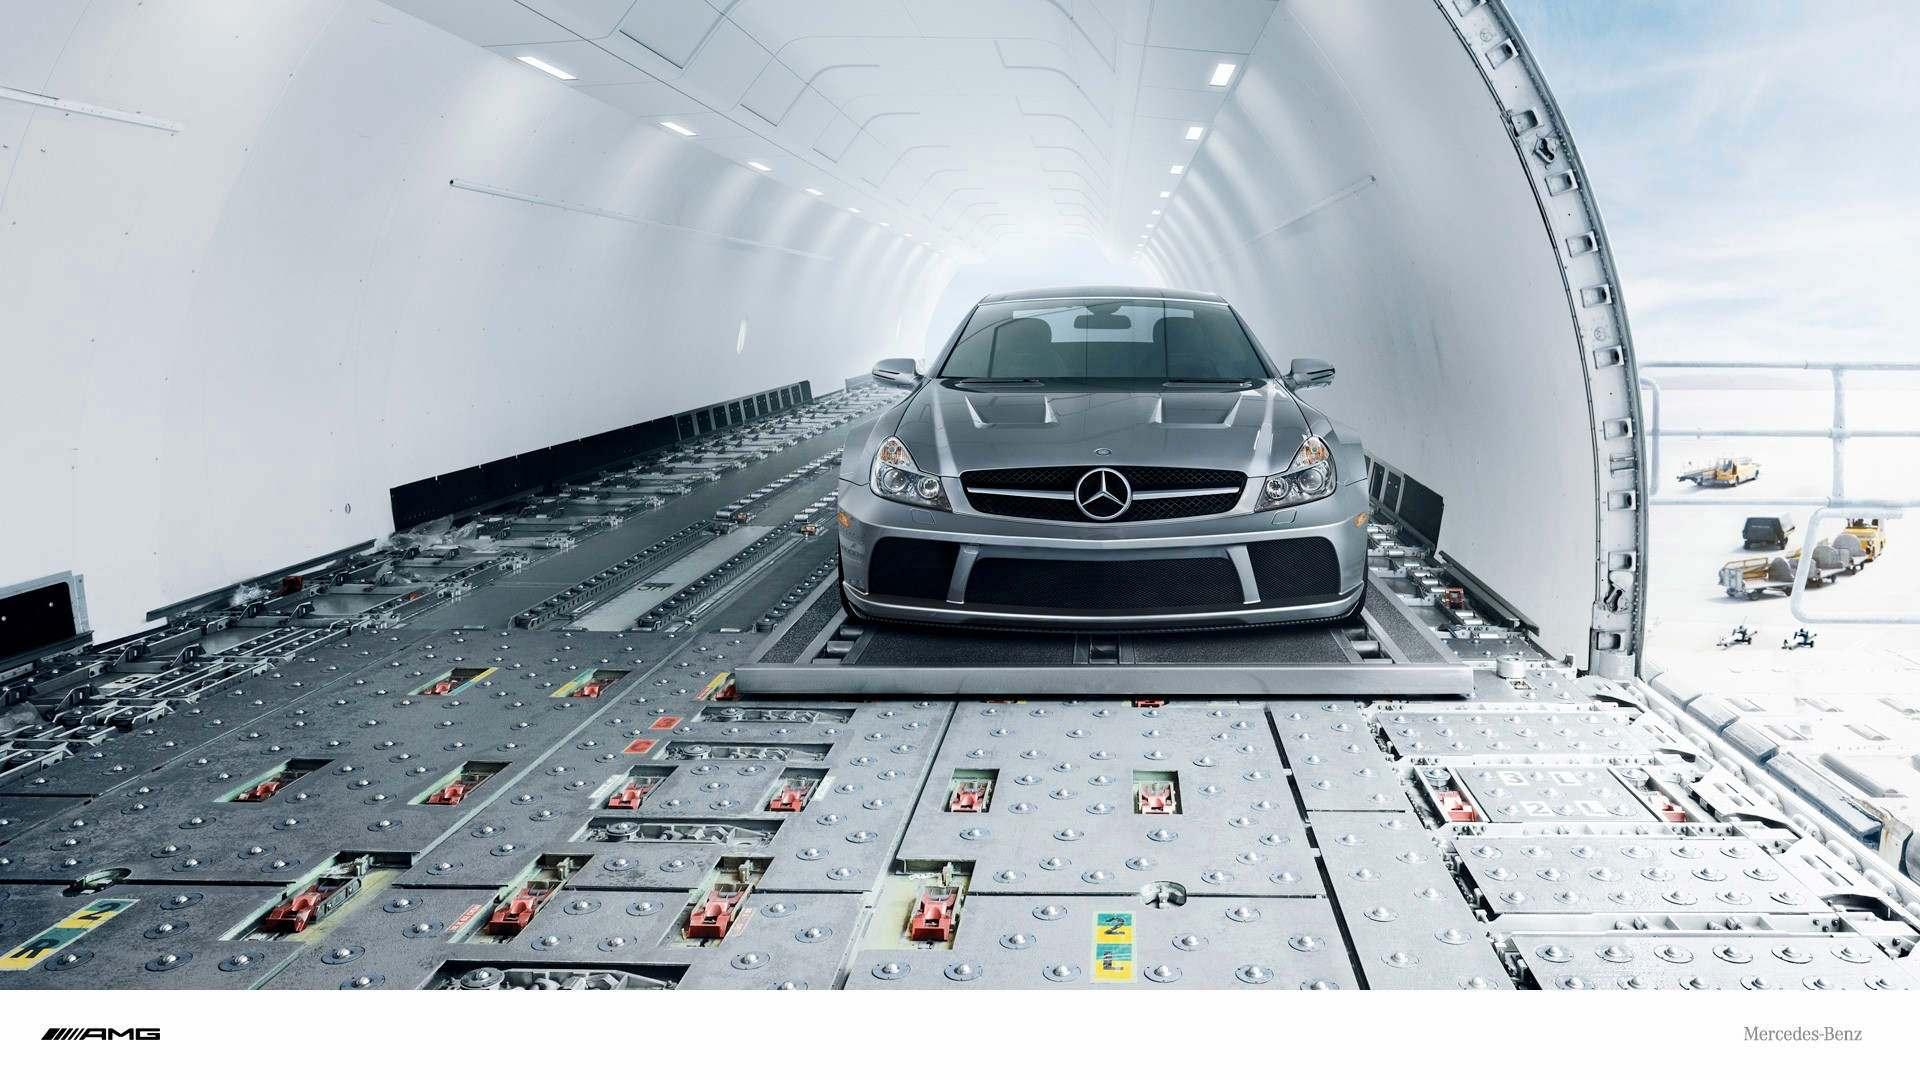 http://2.bp.blogspot.com/-qt6J5zeGyL4/Tum9q0KRB7I/AAAAAAAAFwo/CLplZDtUcWY/s1920/mercedes-benz-cars-hd-wallpaper-13.jpg